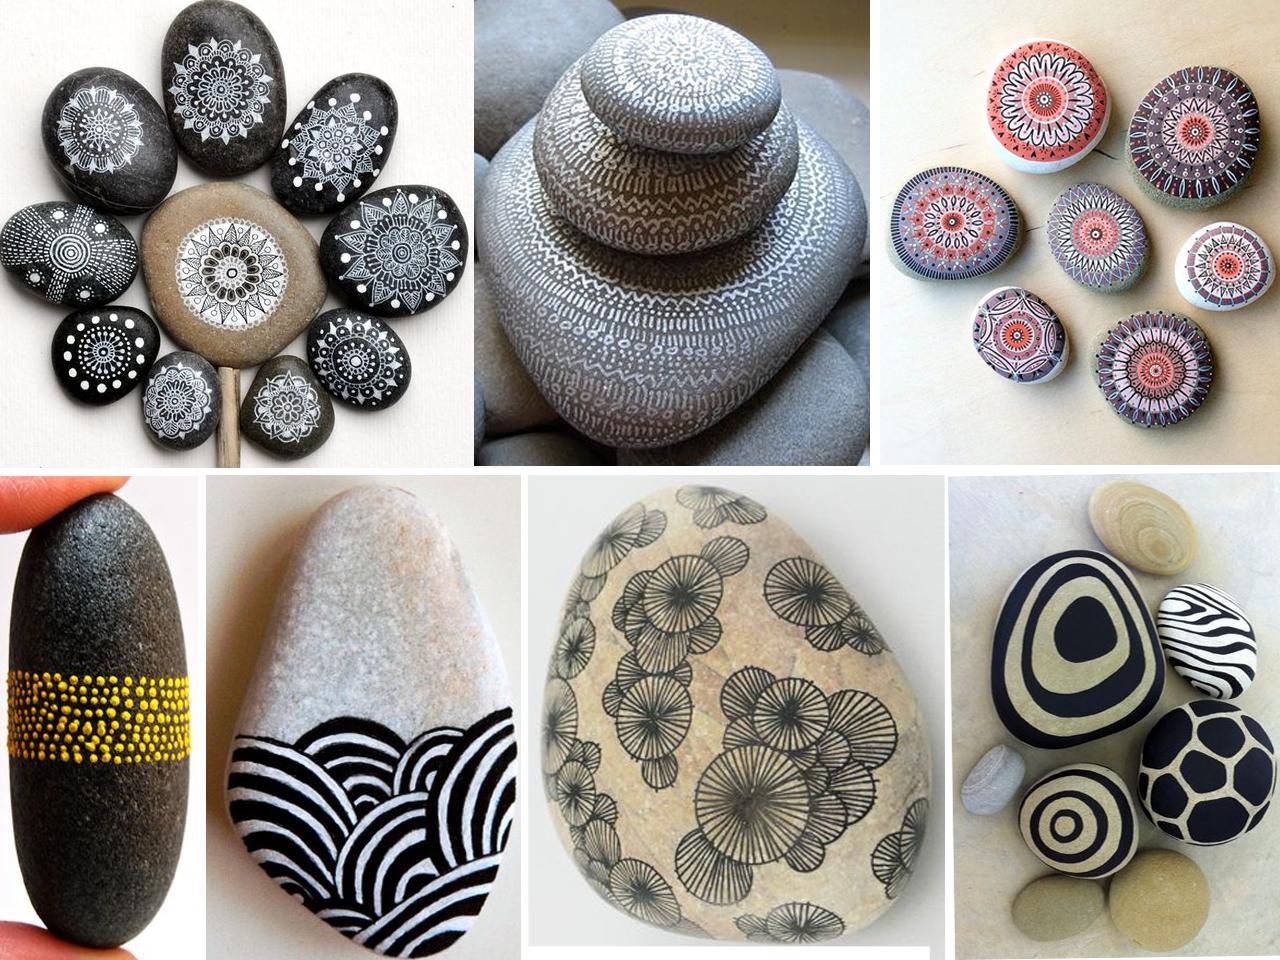 Las m s incre bles manualidades con piedras pintadas - Decorar con piedra ...